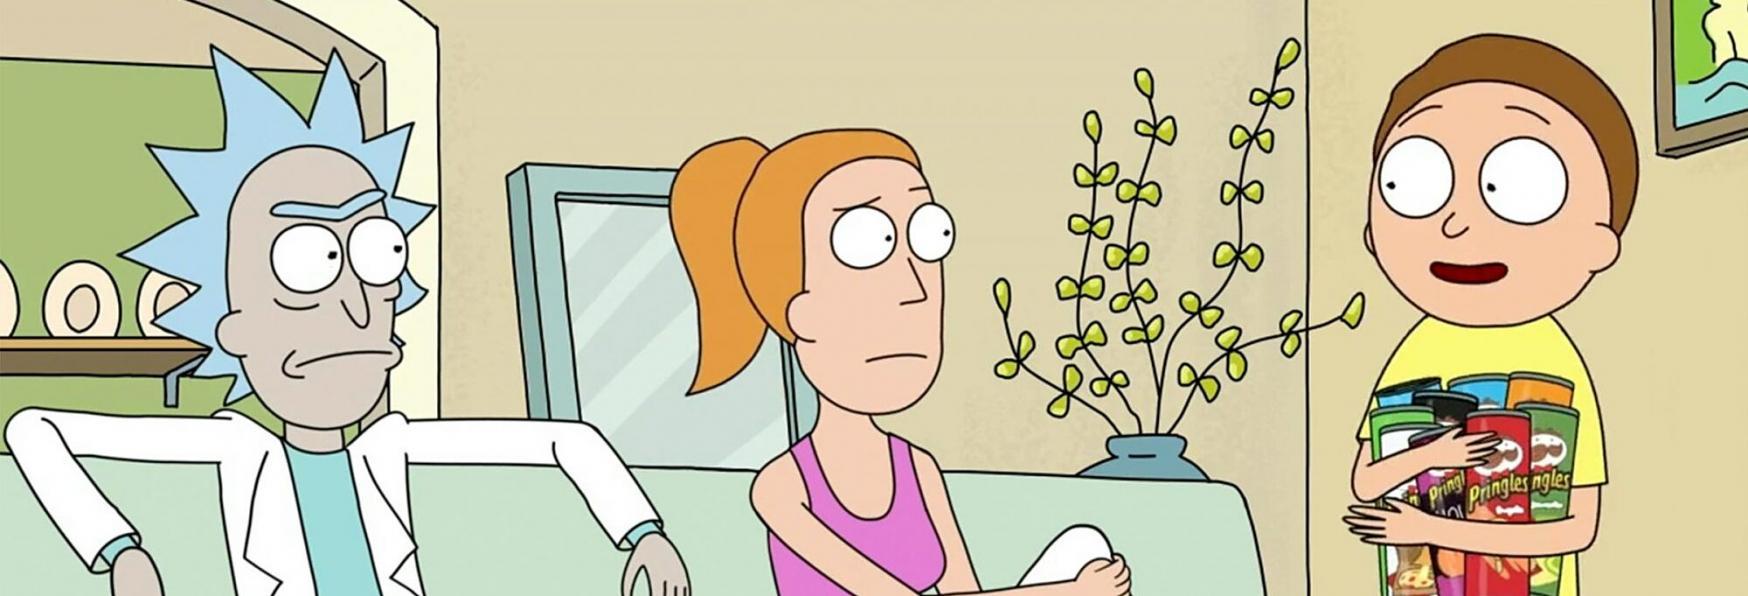 Rick and Morty 5x05: Pubblicata la Scena d'apertura del nuovo Episodio